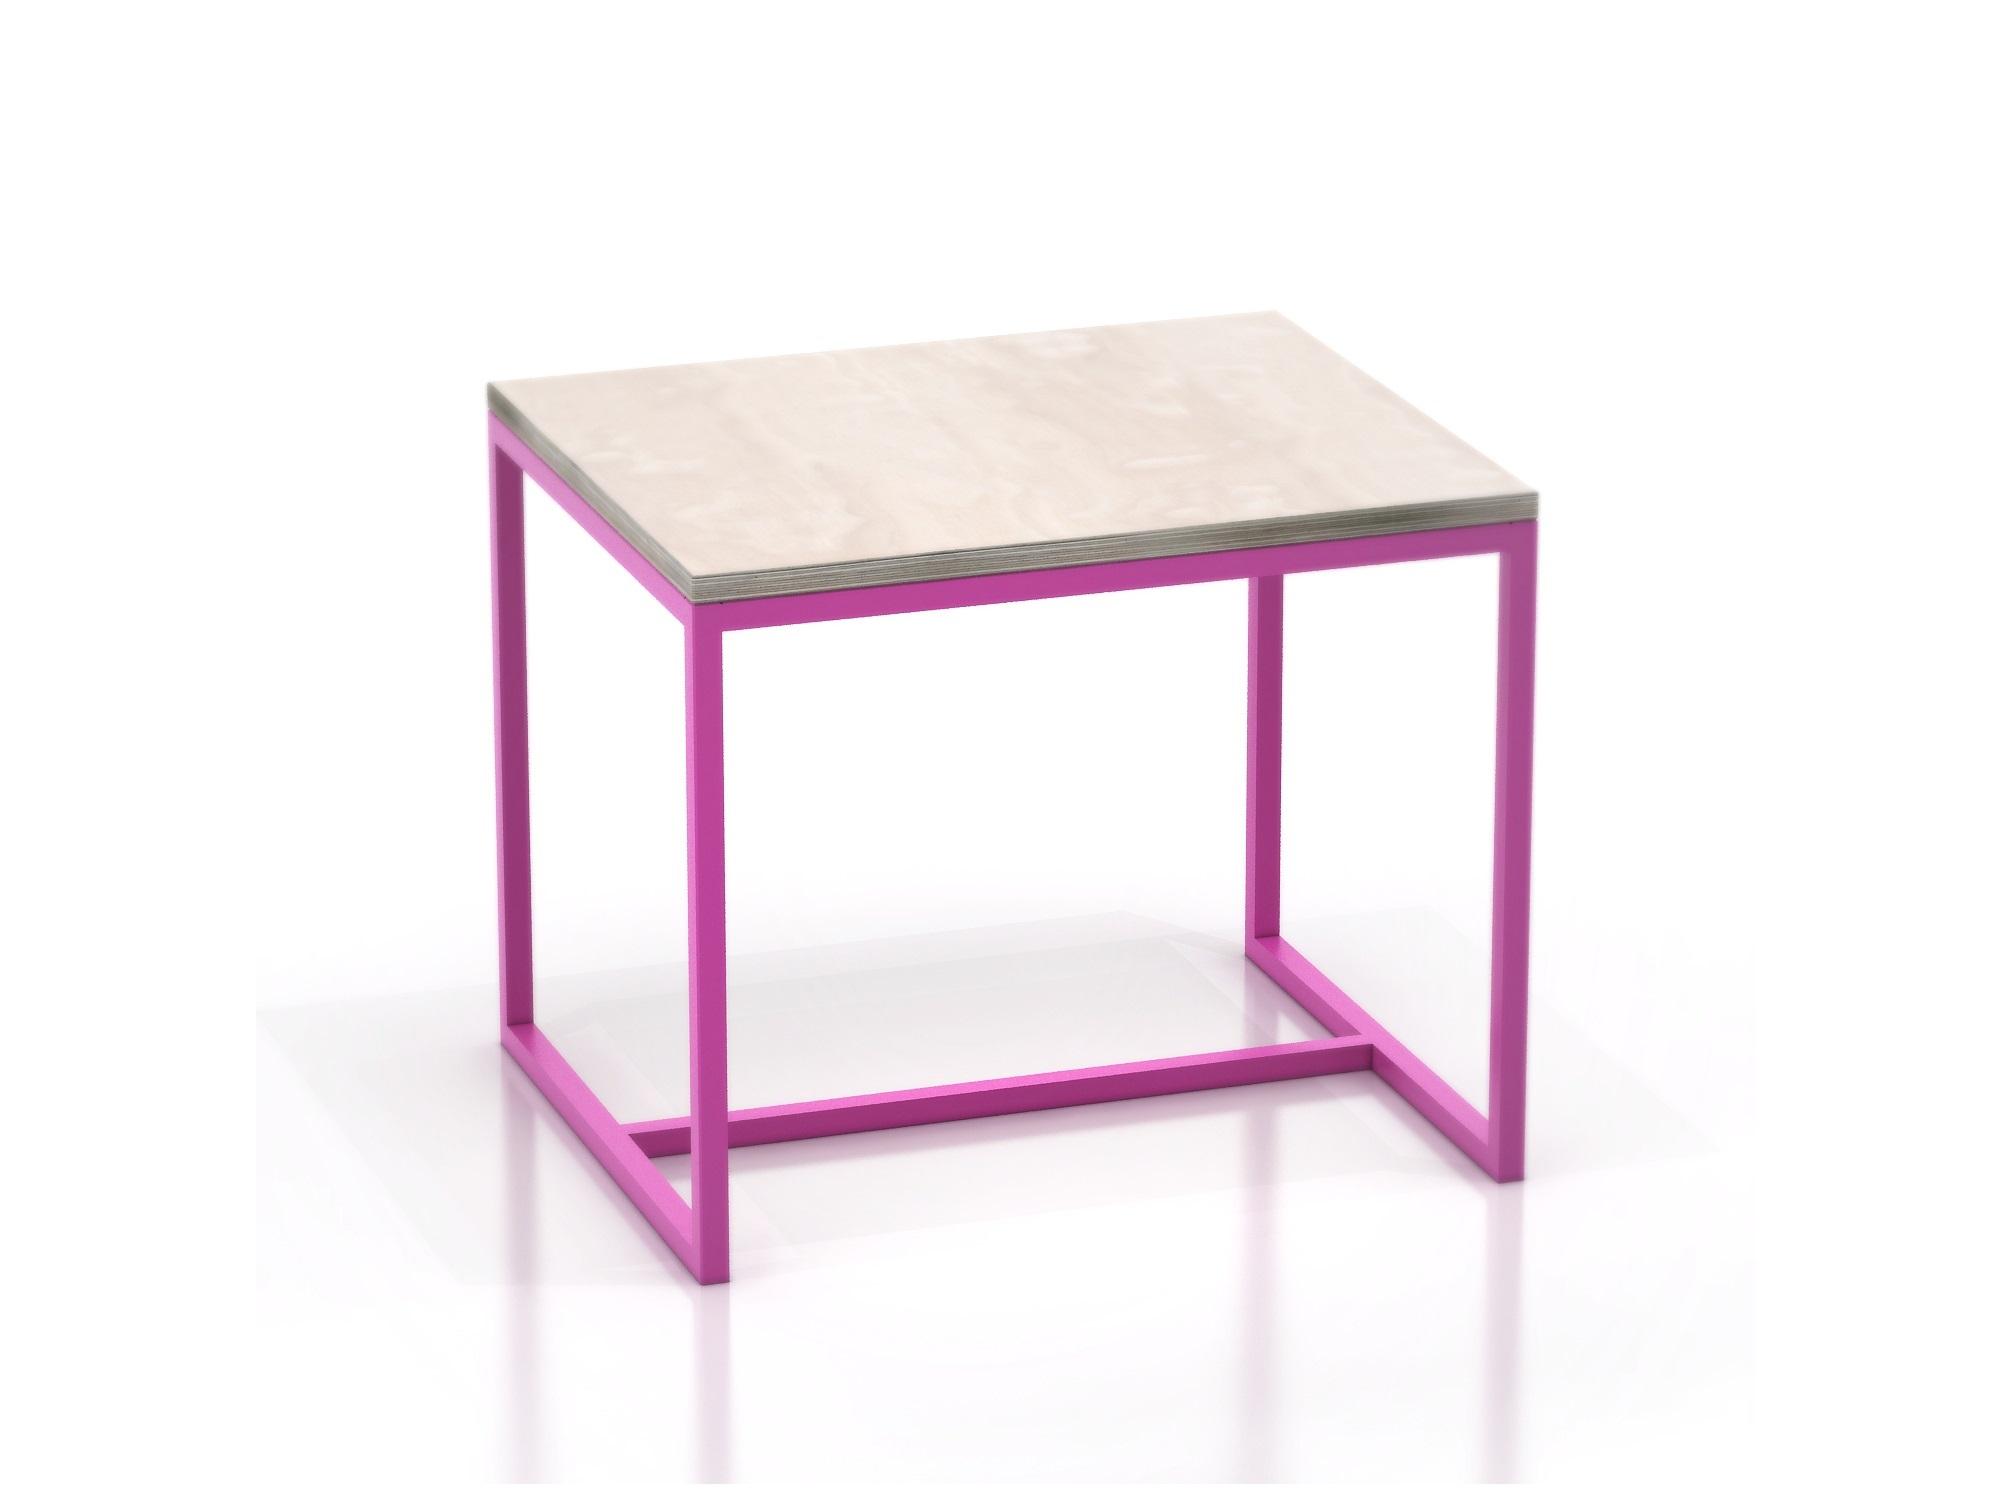 Стол детский Metalframe oakДетские письменные столики<br>Материал: дубовый мебельный щит, стальная труба&amp;lt;div&amp;gt;Особенности: на основание крепится мебельный войлок&amp;lt;/div&amp;gt;&amp;lt;div&amp;gt;Возможно изготовление в других размерах и отделке. Подробности уточняйте у менеджера.&amp;lt;br&amp;gt;&amp;lt;/div&amp;gt;&amp;lt;div&amp;gt;&amp;lt;br&amp;gt;&amp;lt;/div&amp;gt;<br><br>Material: Дуб<br>Ширина см: 60.0<br>Высота см: 50.0<br>Глубина см: 50.0